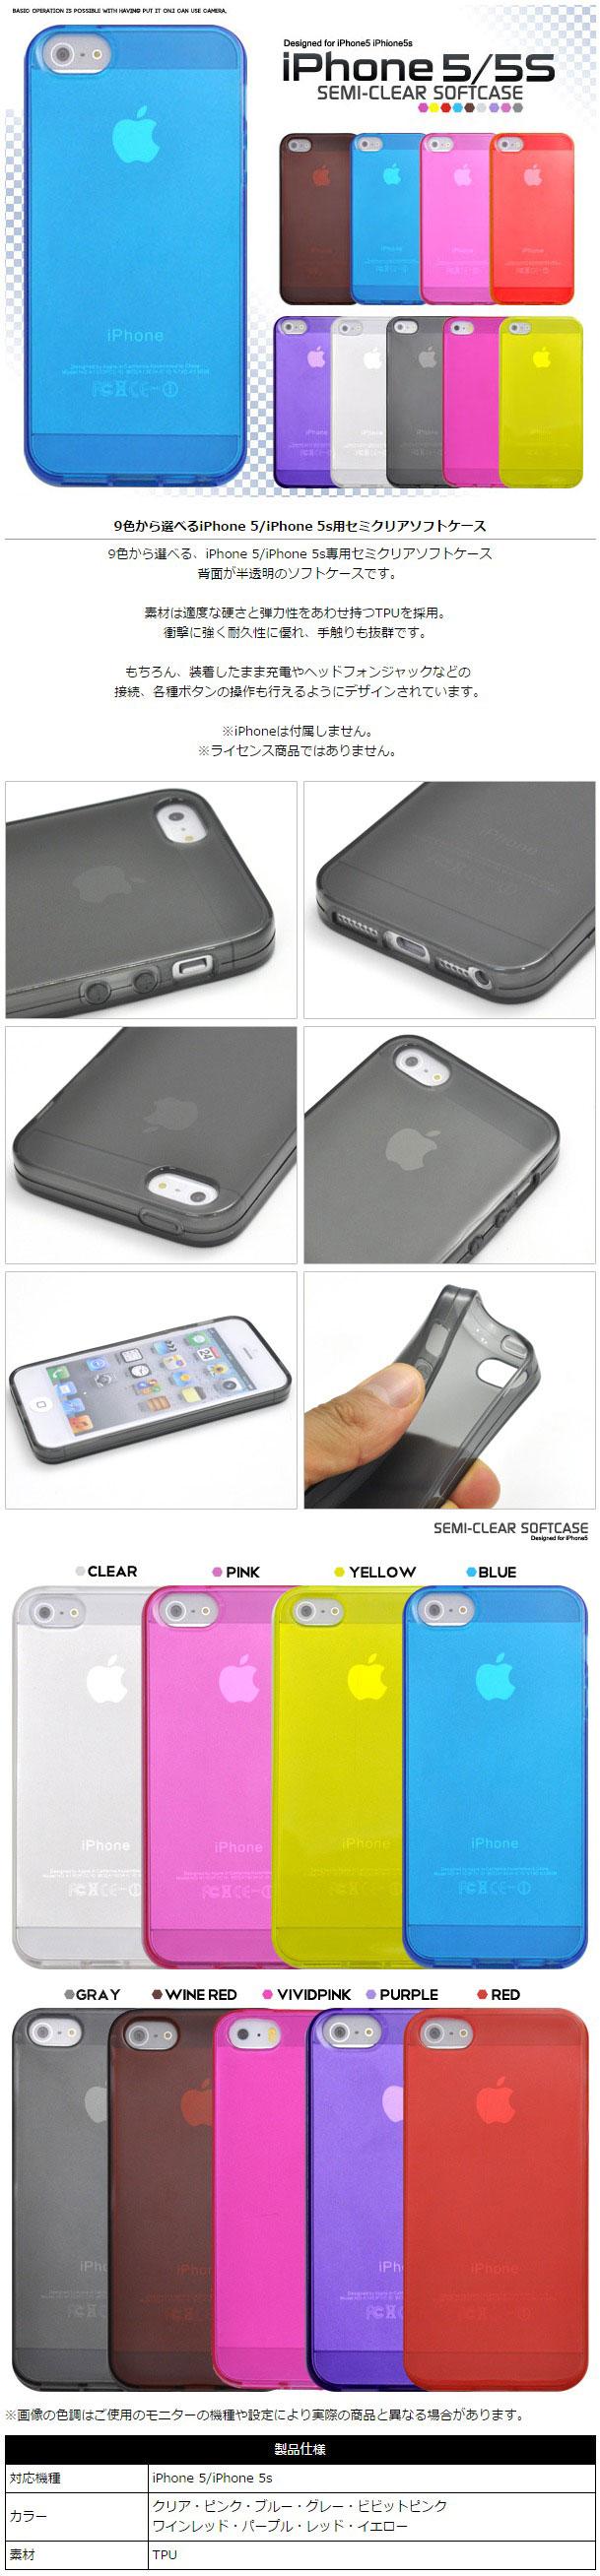 a950c8dc07 楽天市場】【メール便送料無料】iPhone5/5s/SE スマホケース デザイン ...